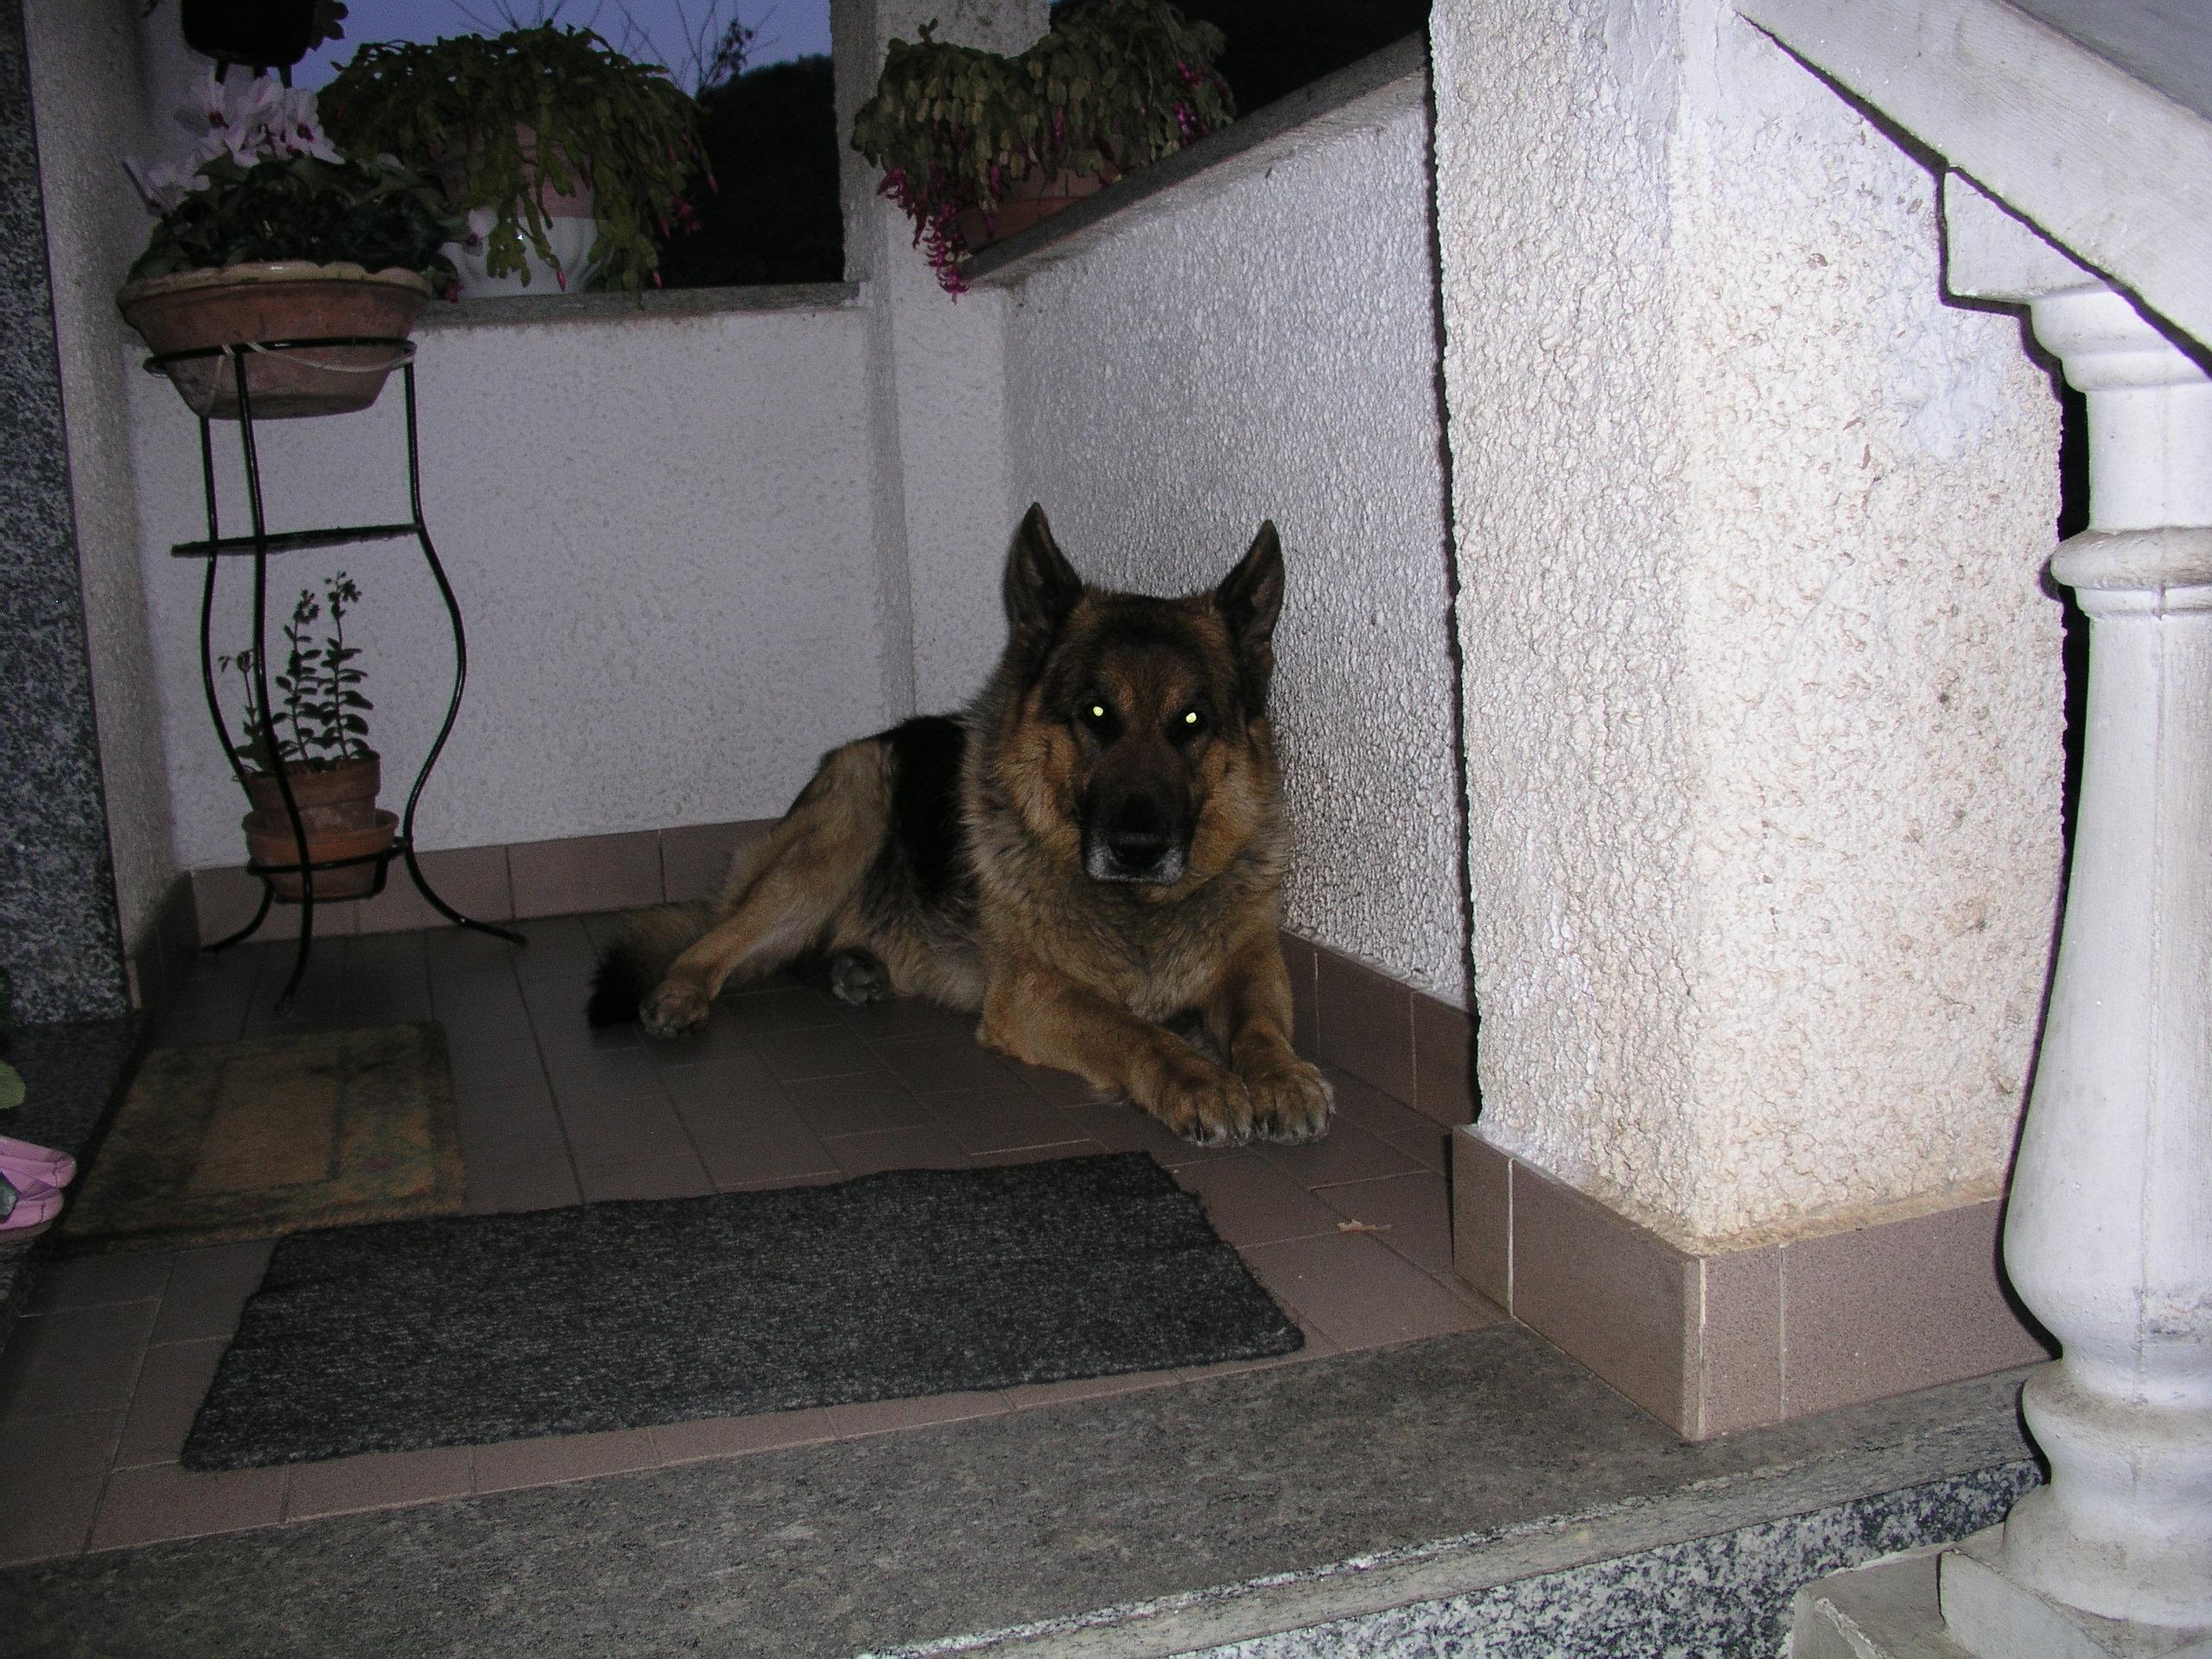 cerco cane o cucciolo di pastore tedesco taglia grande di razza da